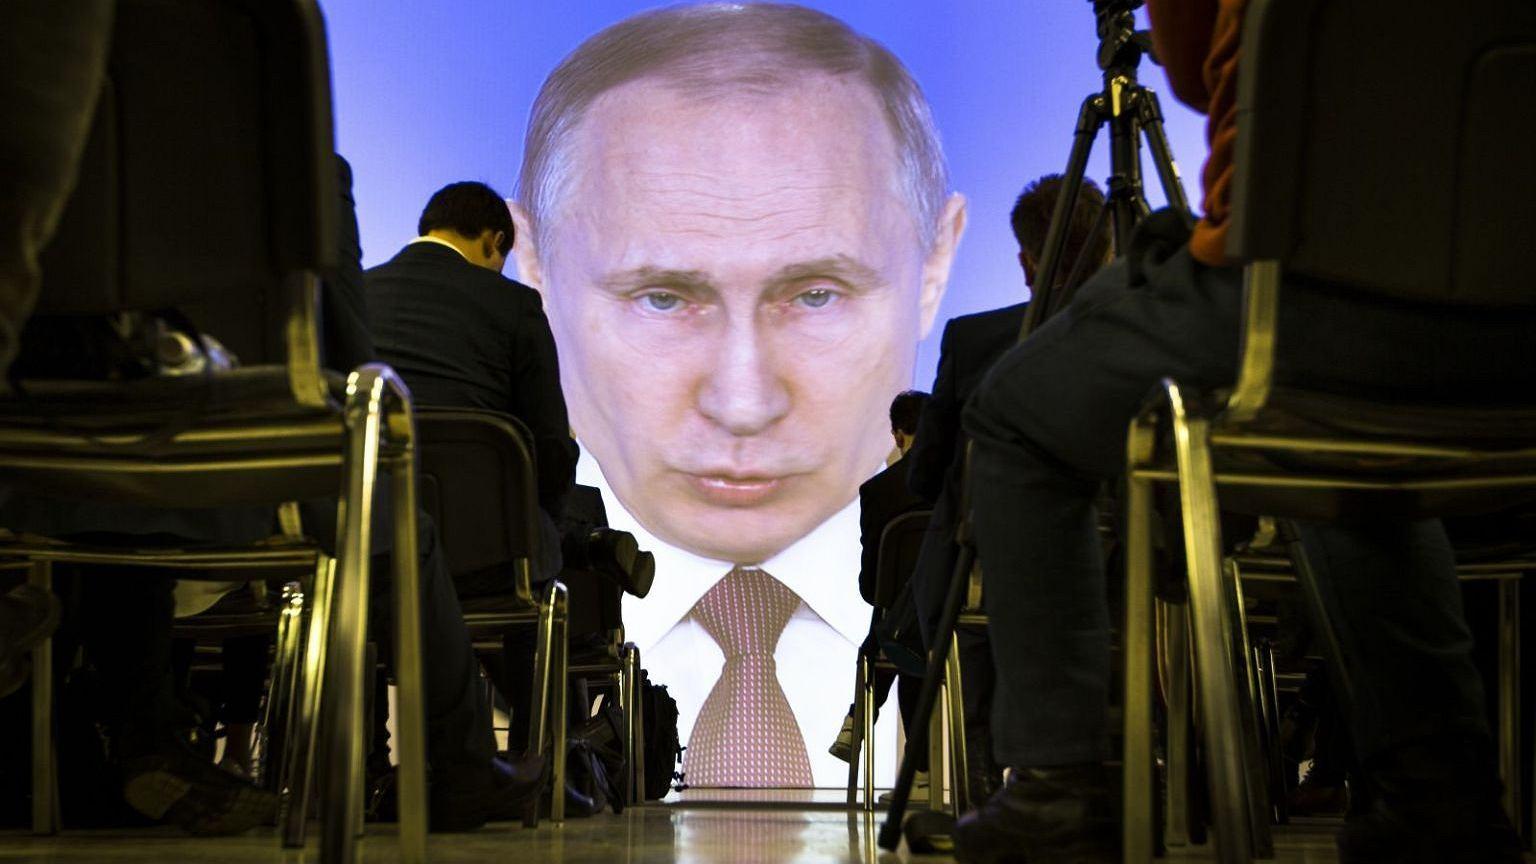 Władimir Putin na wielkim ekranie wygłasza orędzie do narodu rosyjskiego